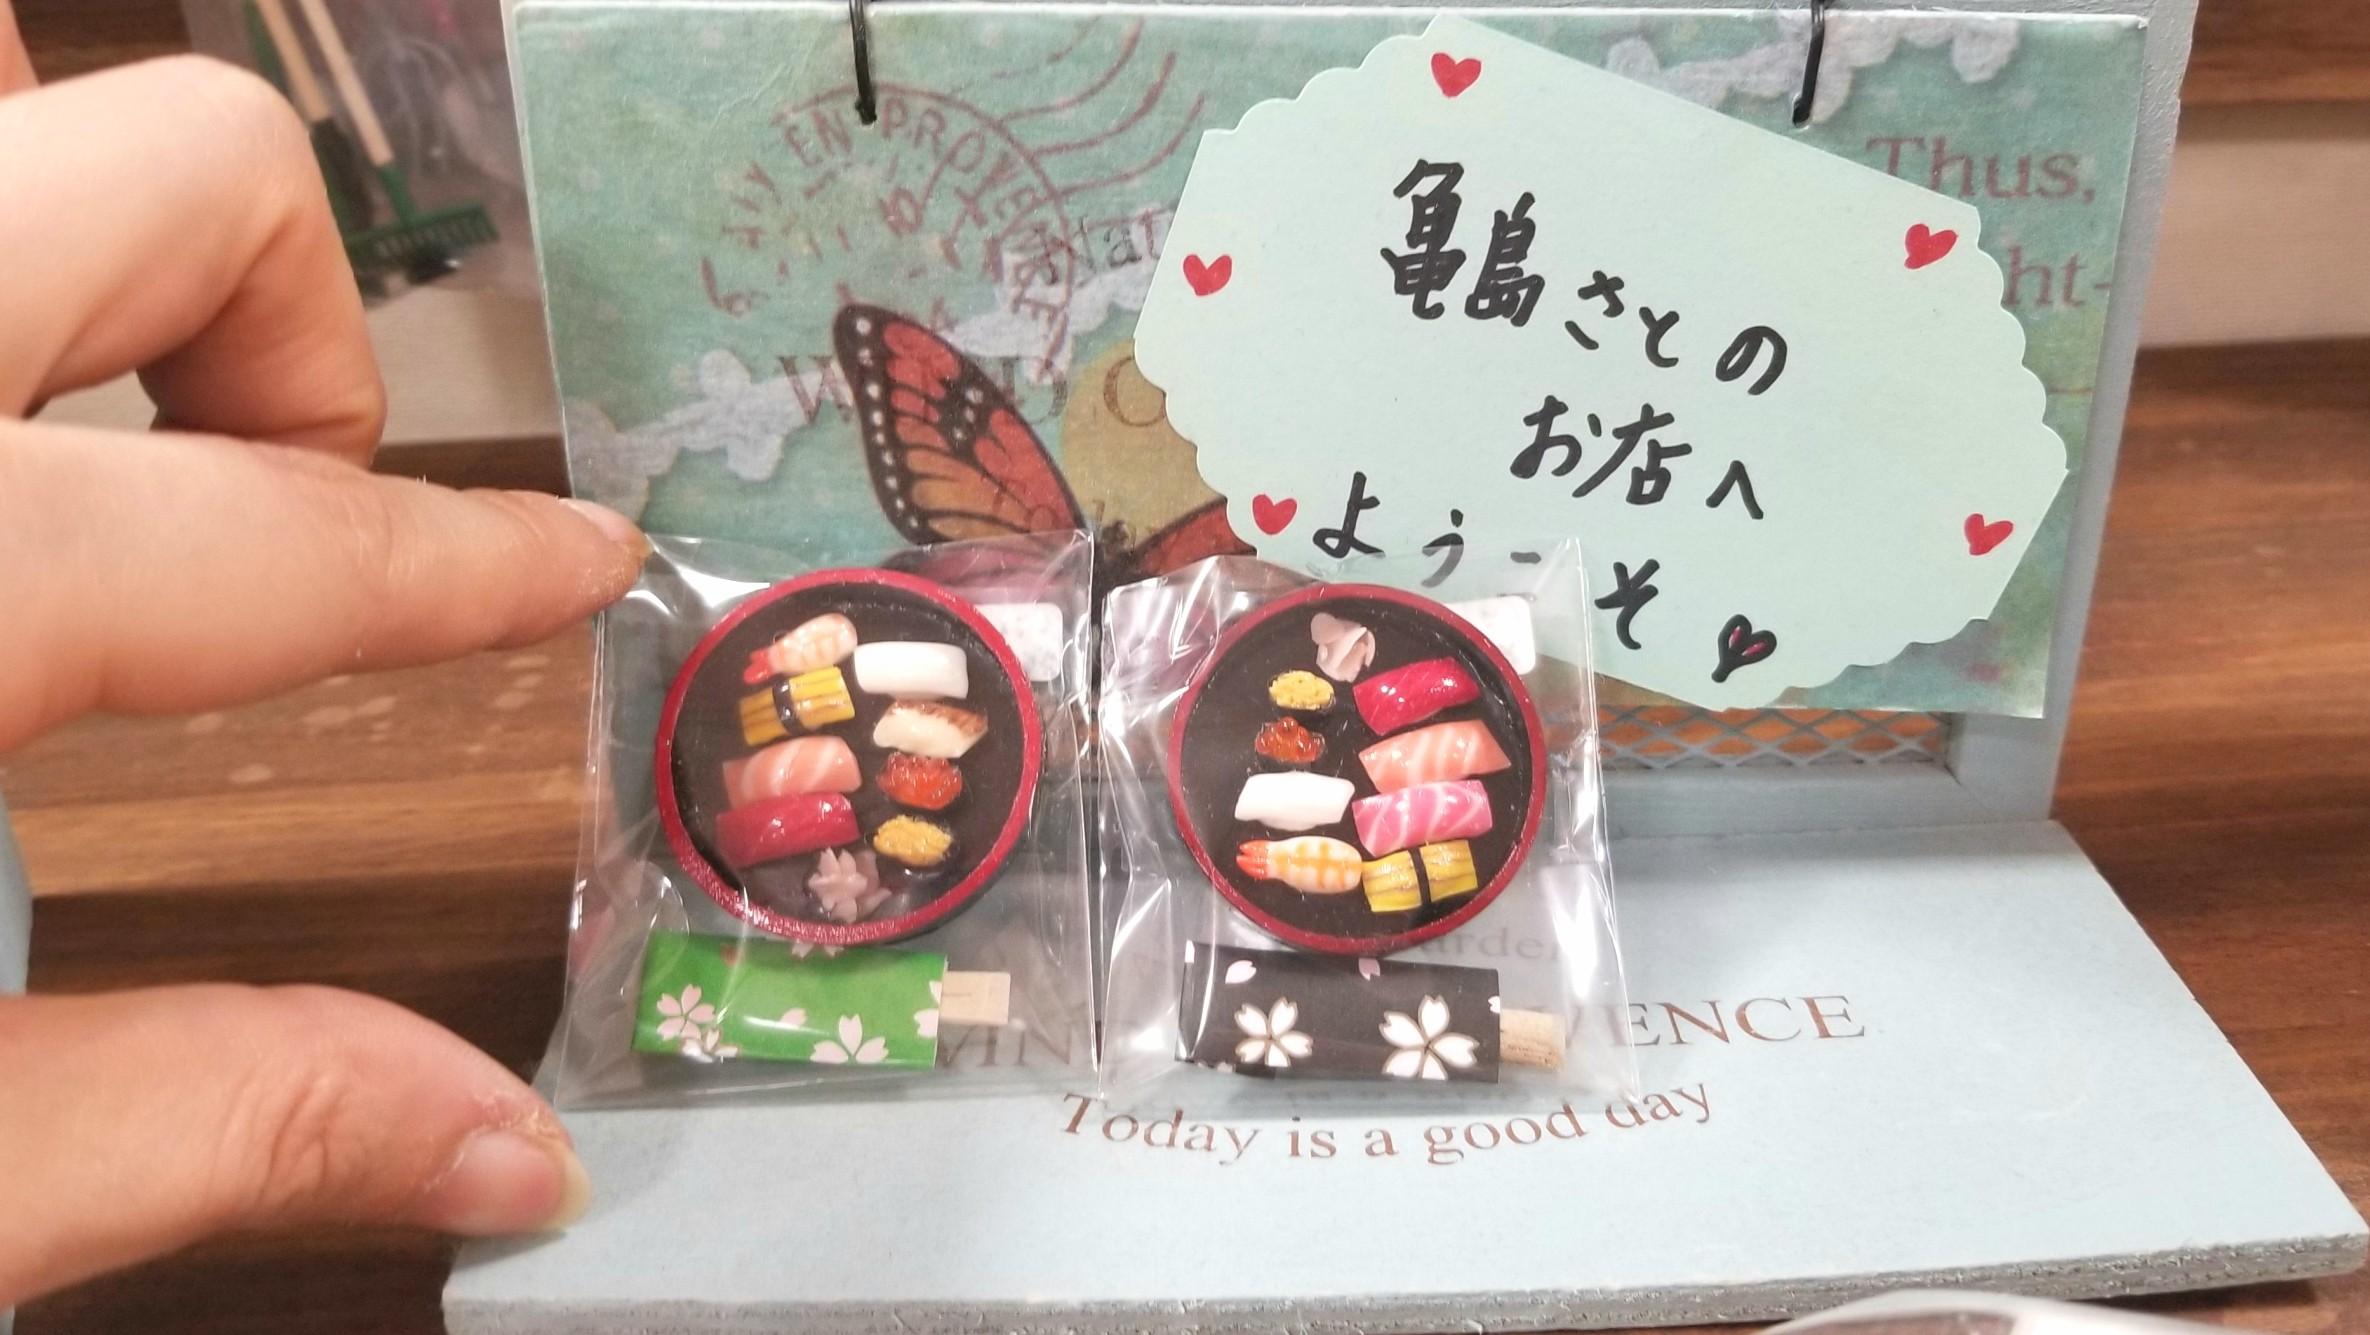 亀島さとさん,ミニチュアフード,ジョープラ,お寿司,握り,ドール